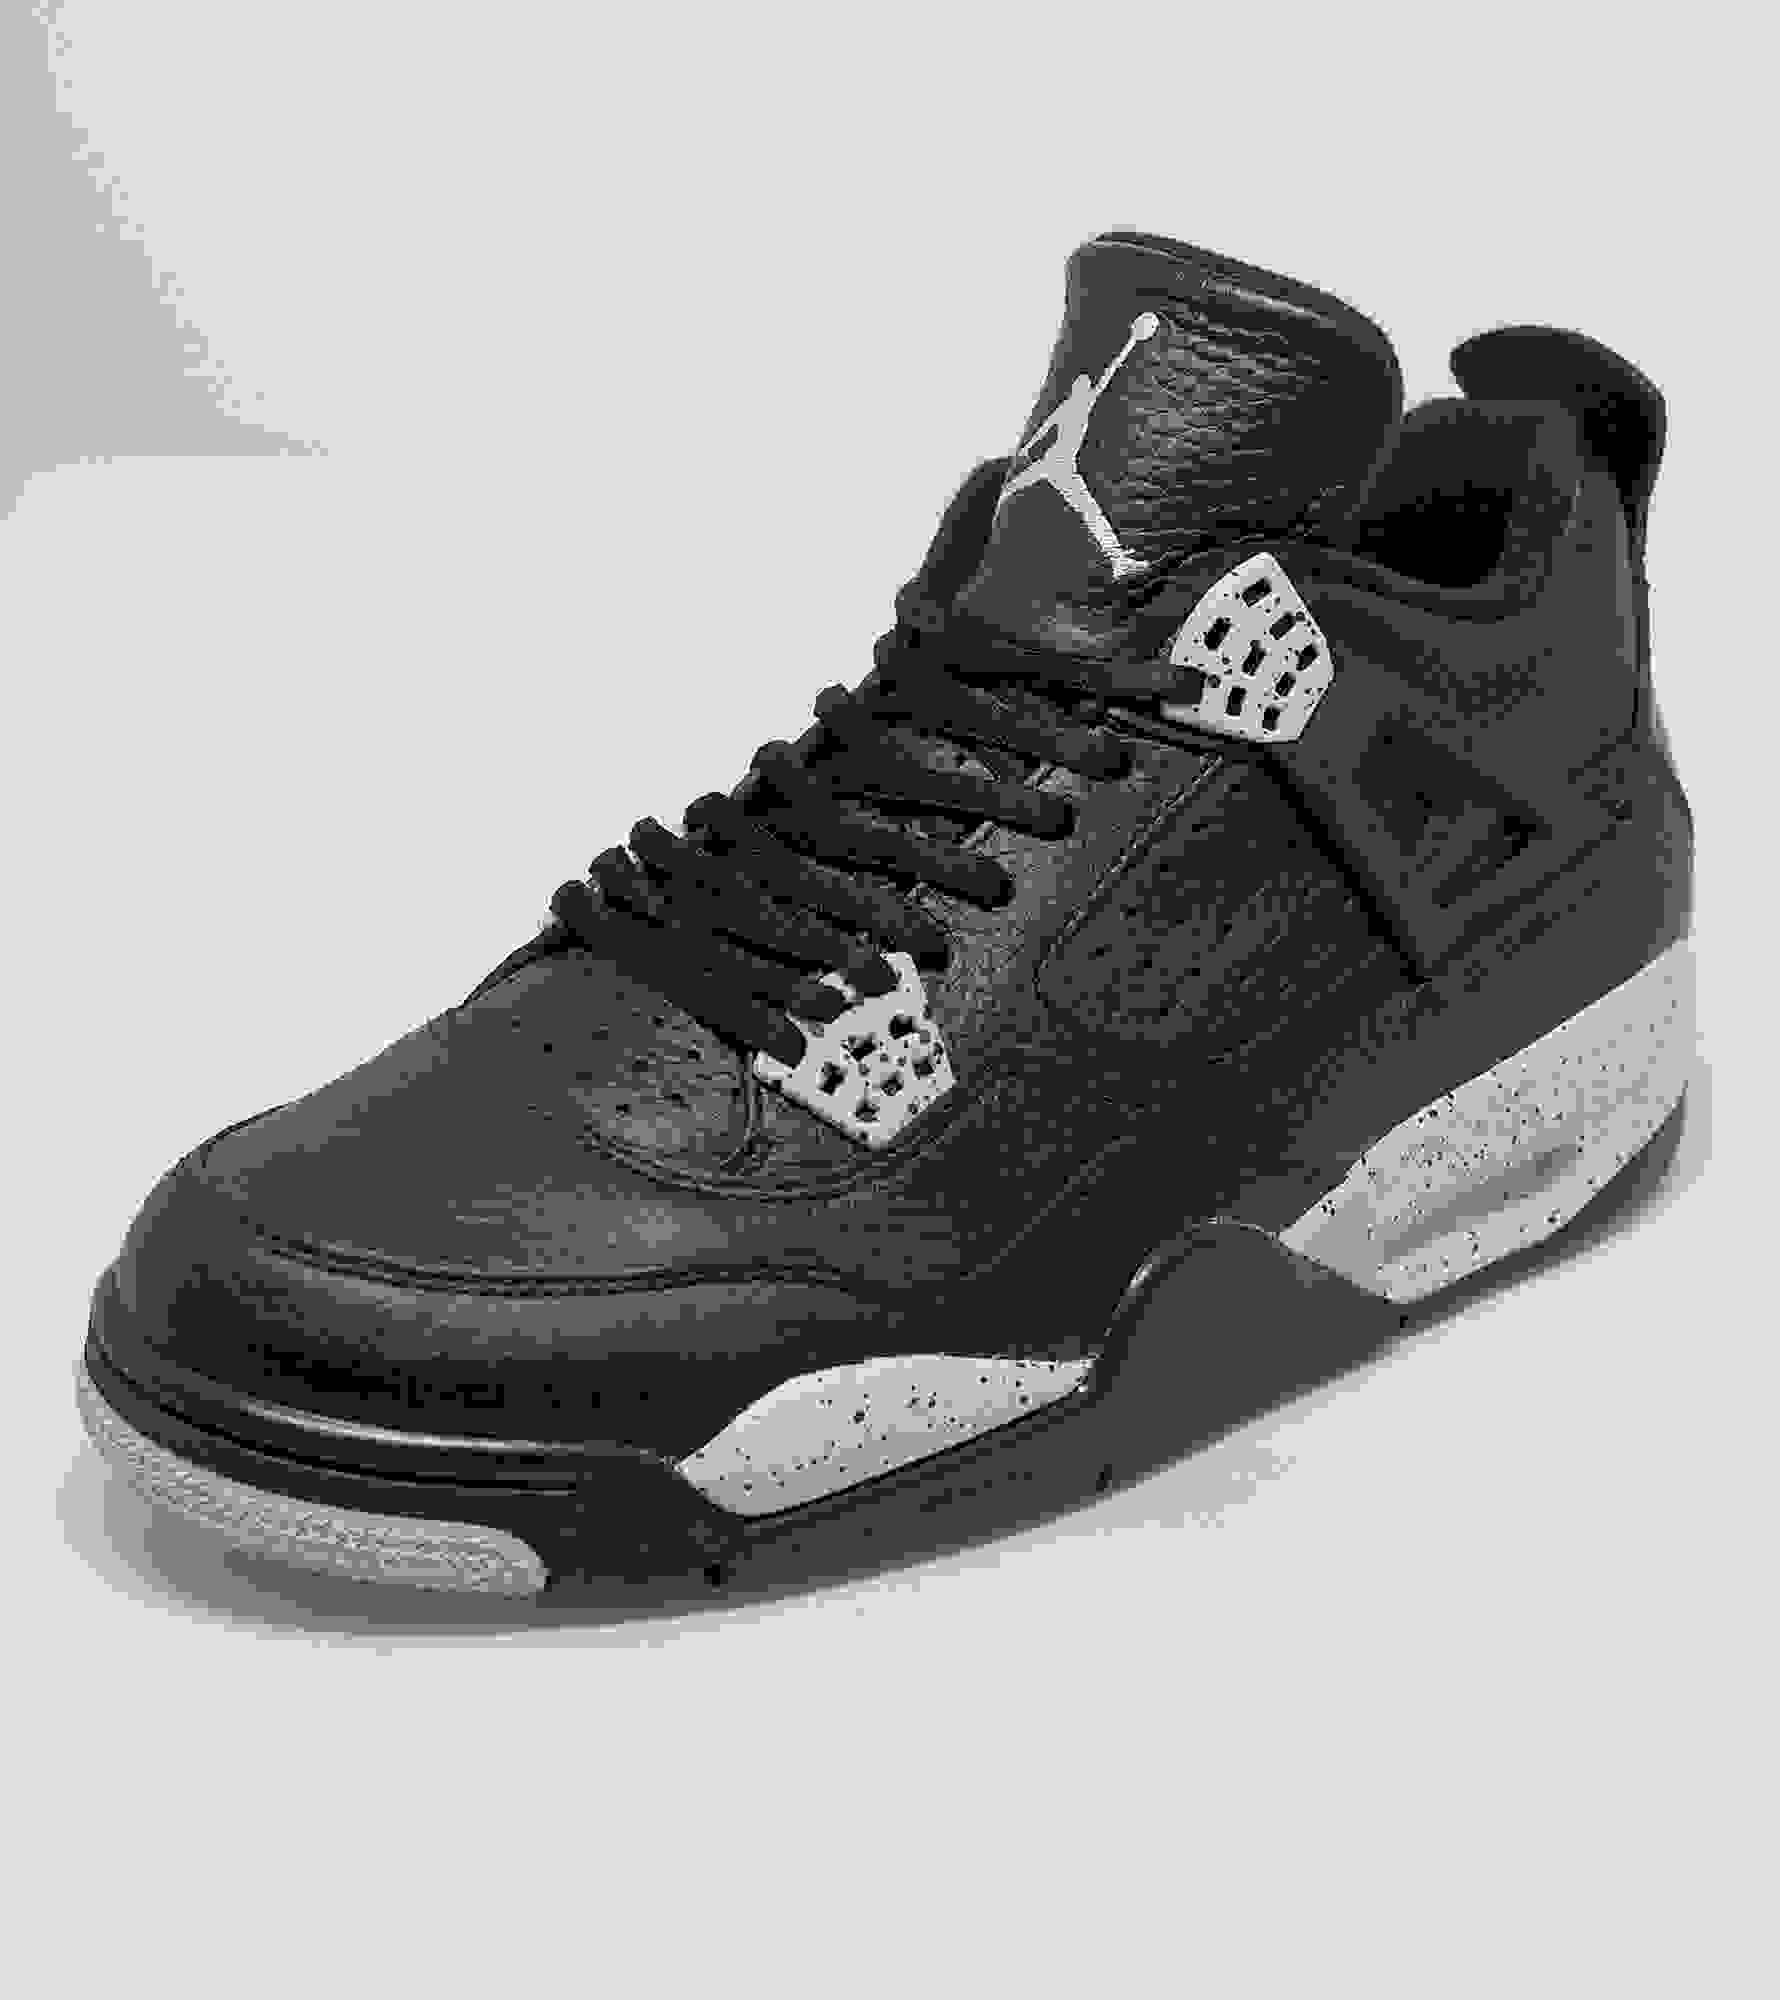 Jordan 6 Oreo Size 8 Ebay Uk  2c71feff9a